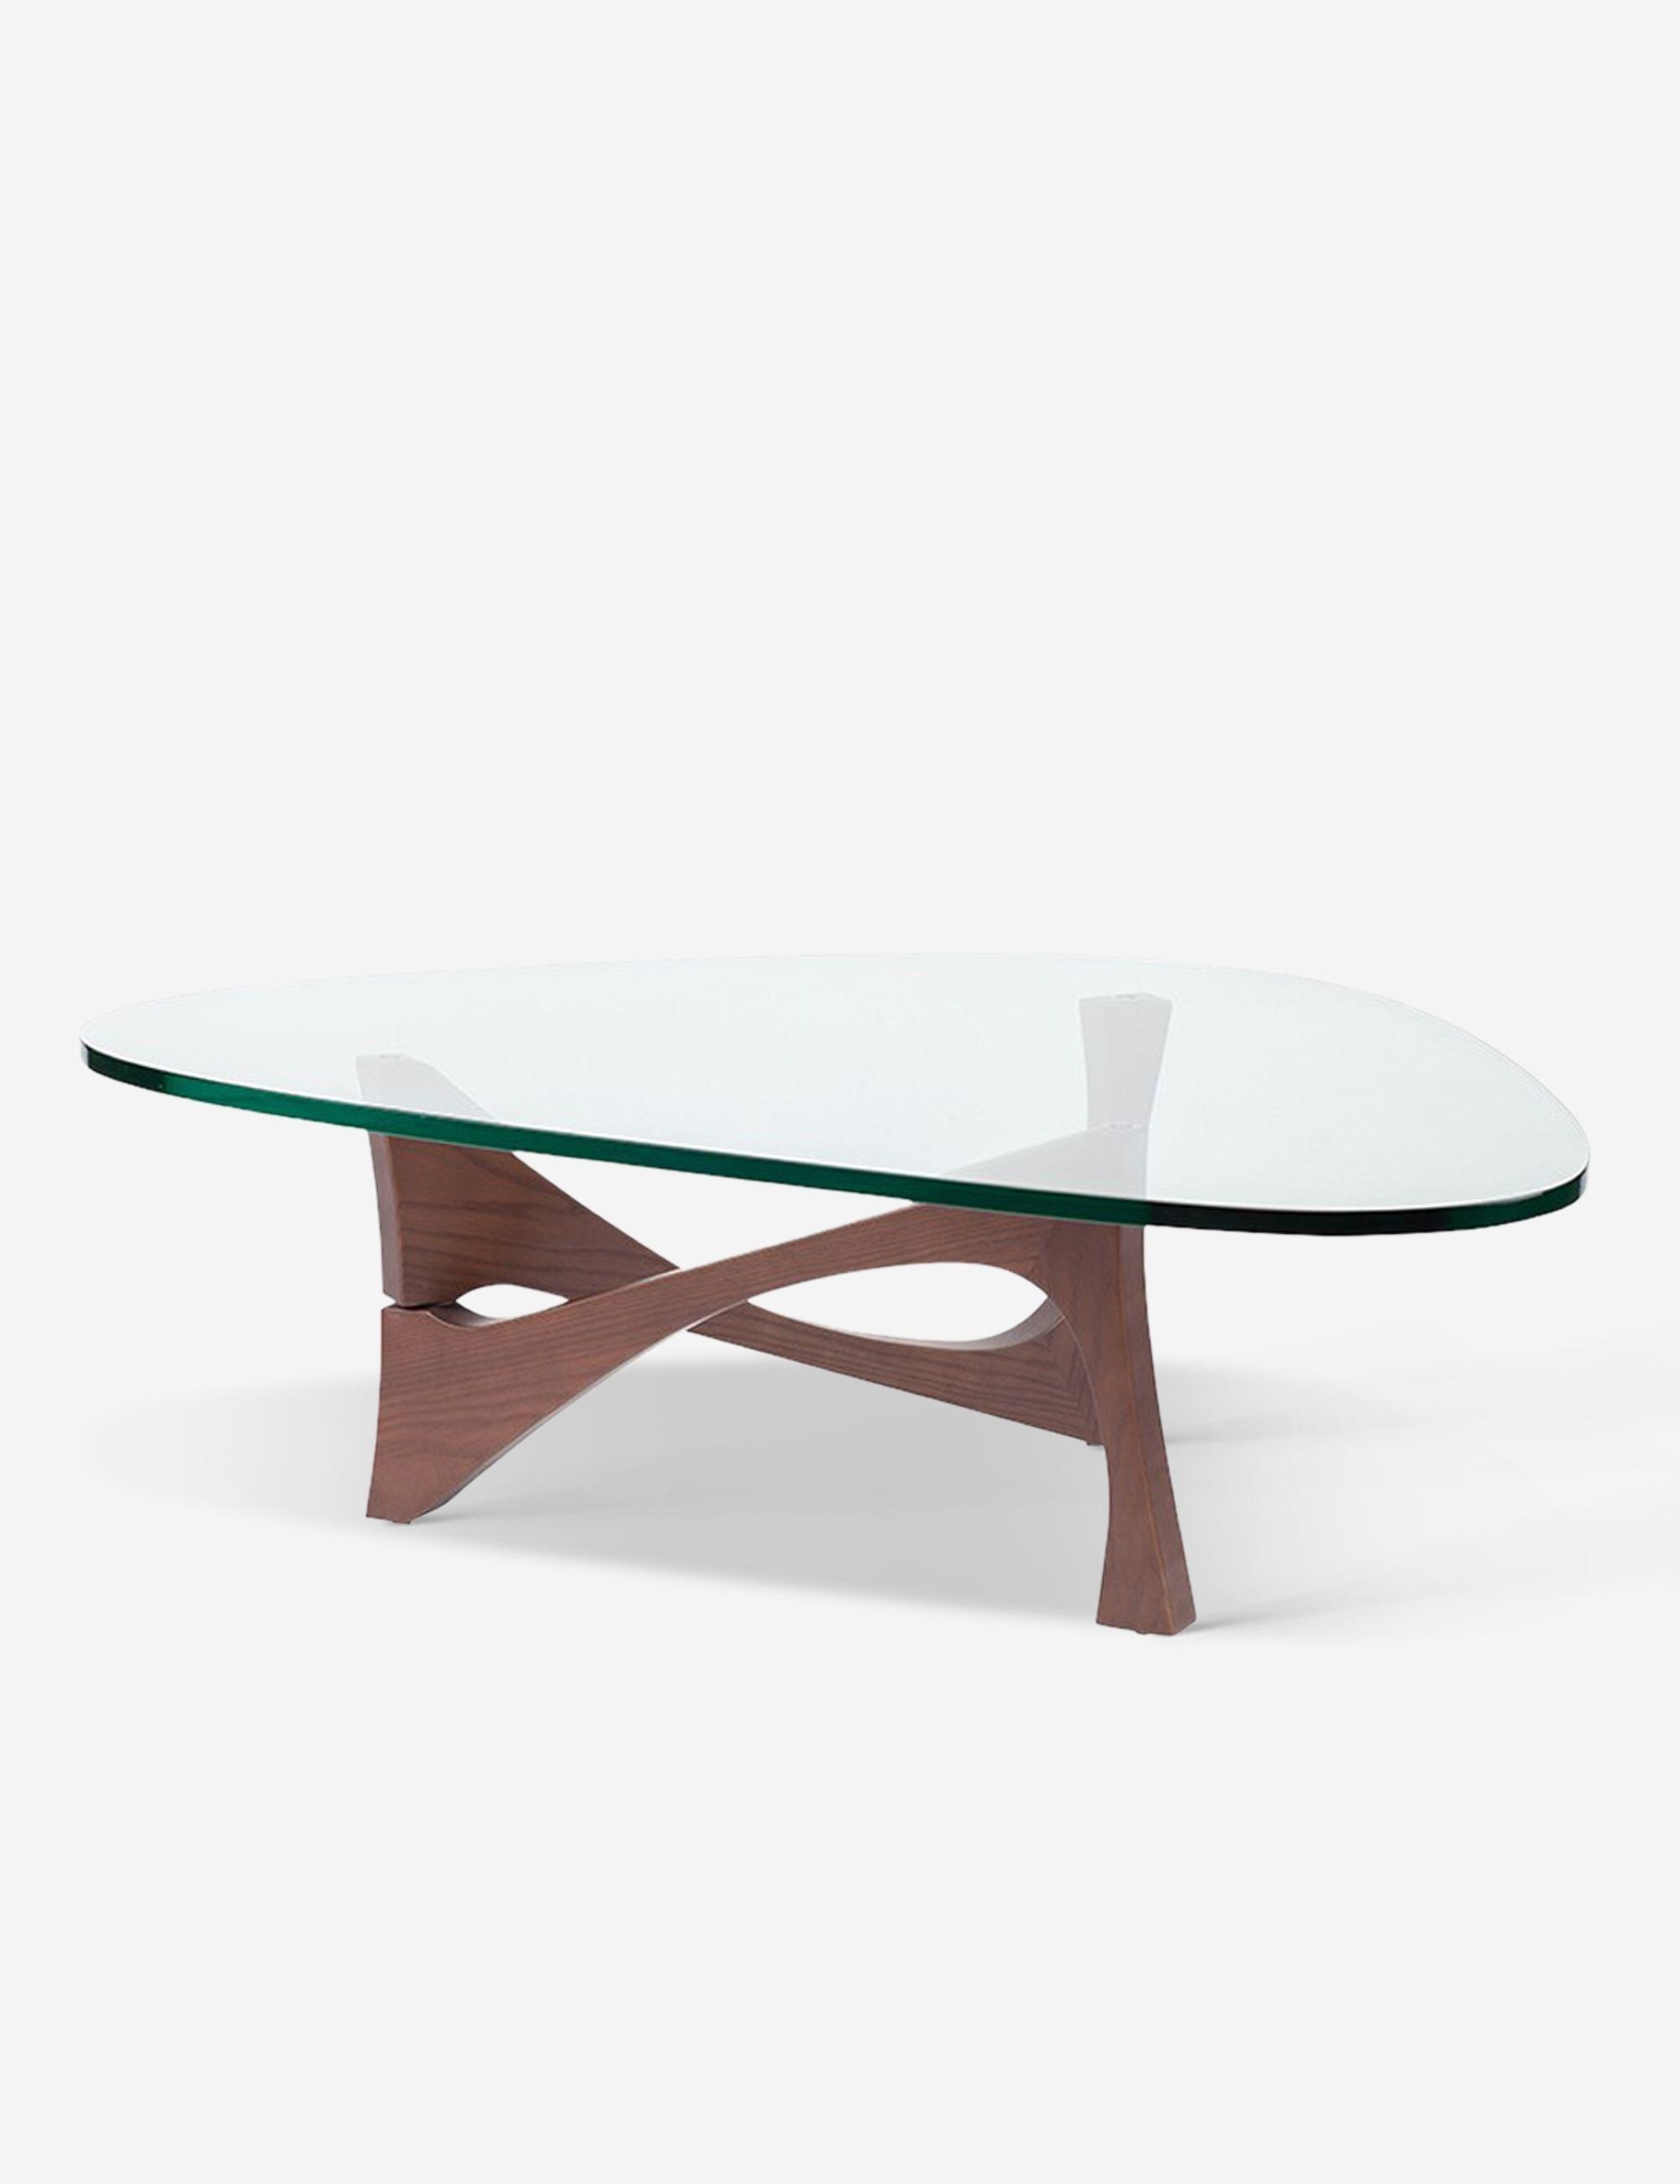 Pin On Furniture [ 2600 x 2000 Pixel ]